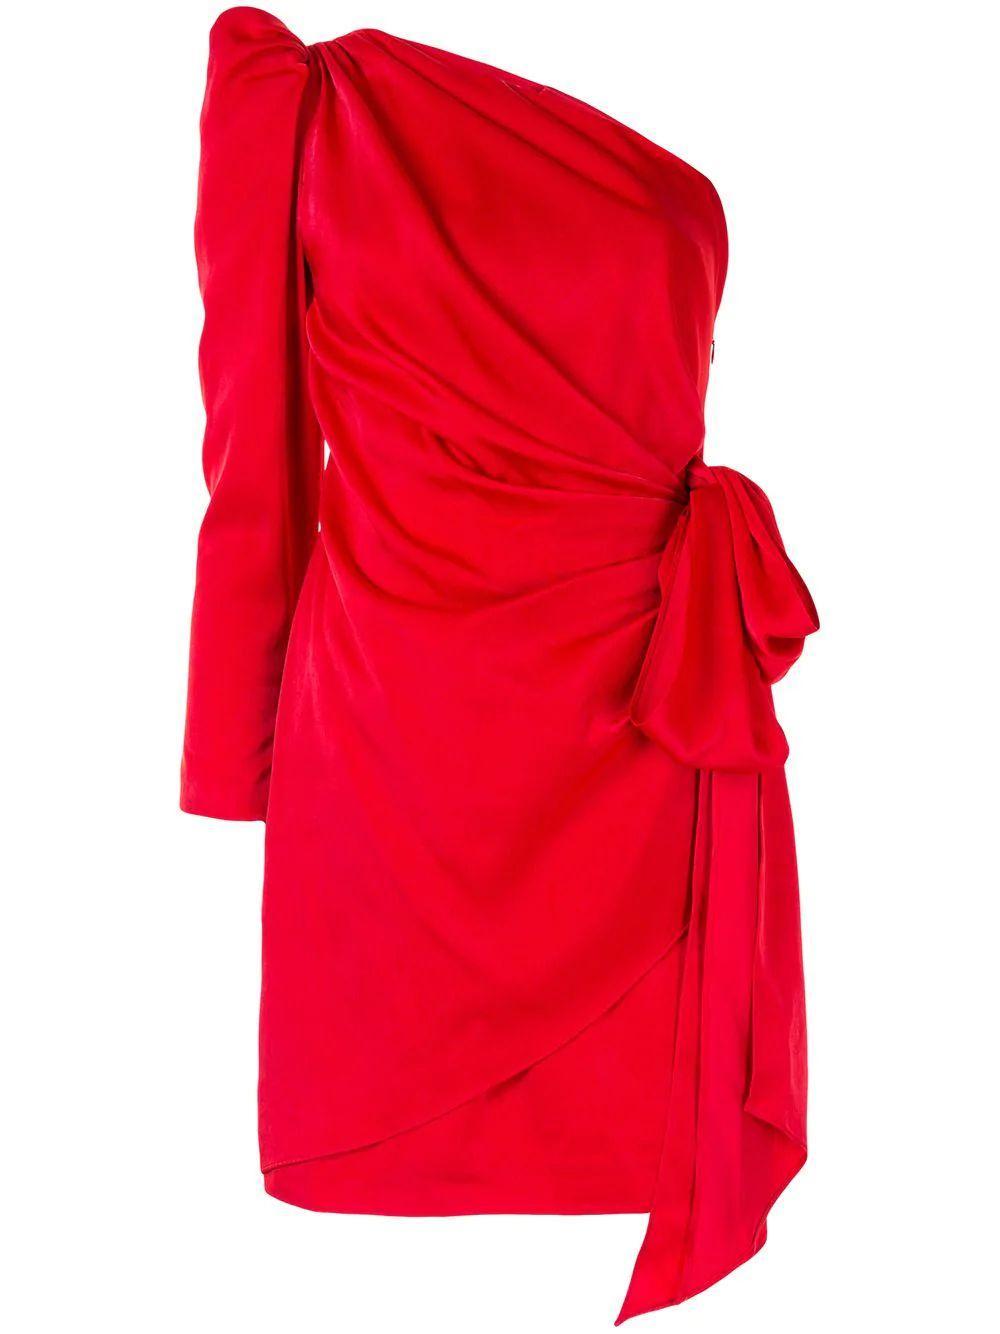 Draped One Shoulder Cocktail Dress